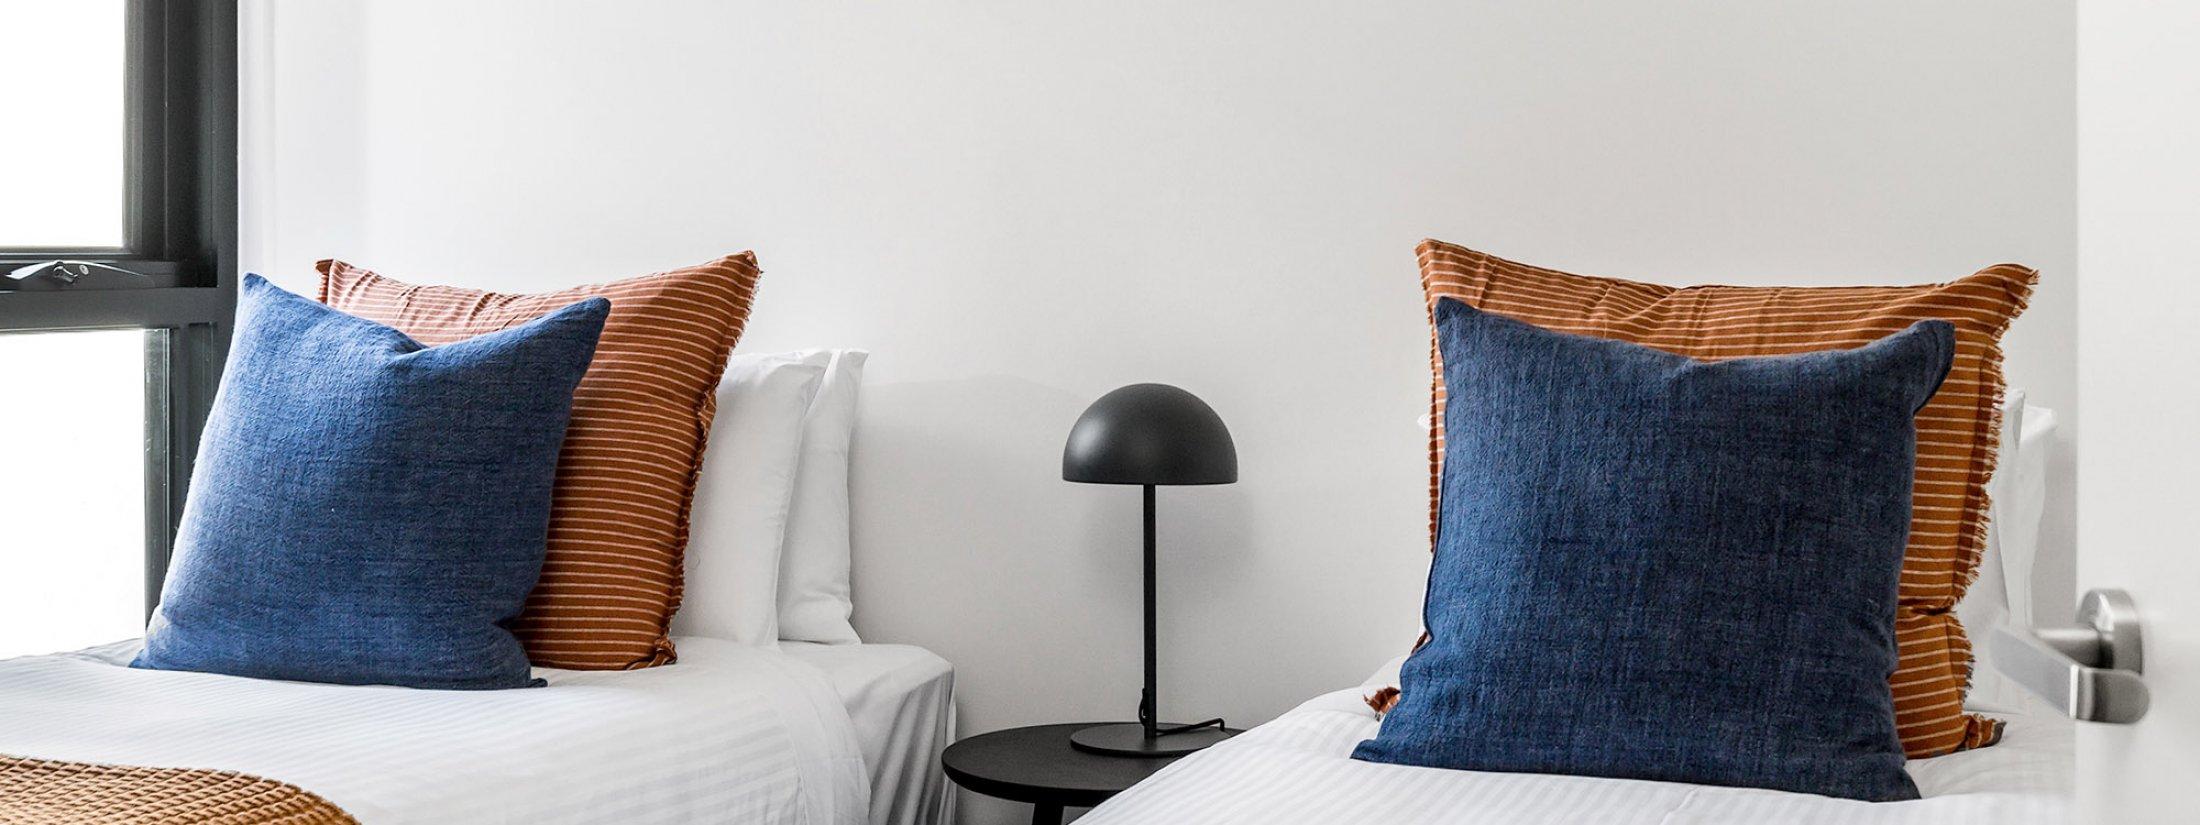 Axel Apartments - The Parkin - Glen Iris - Bedroom 2b